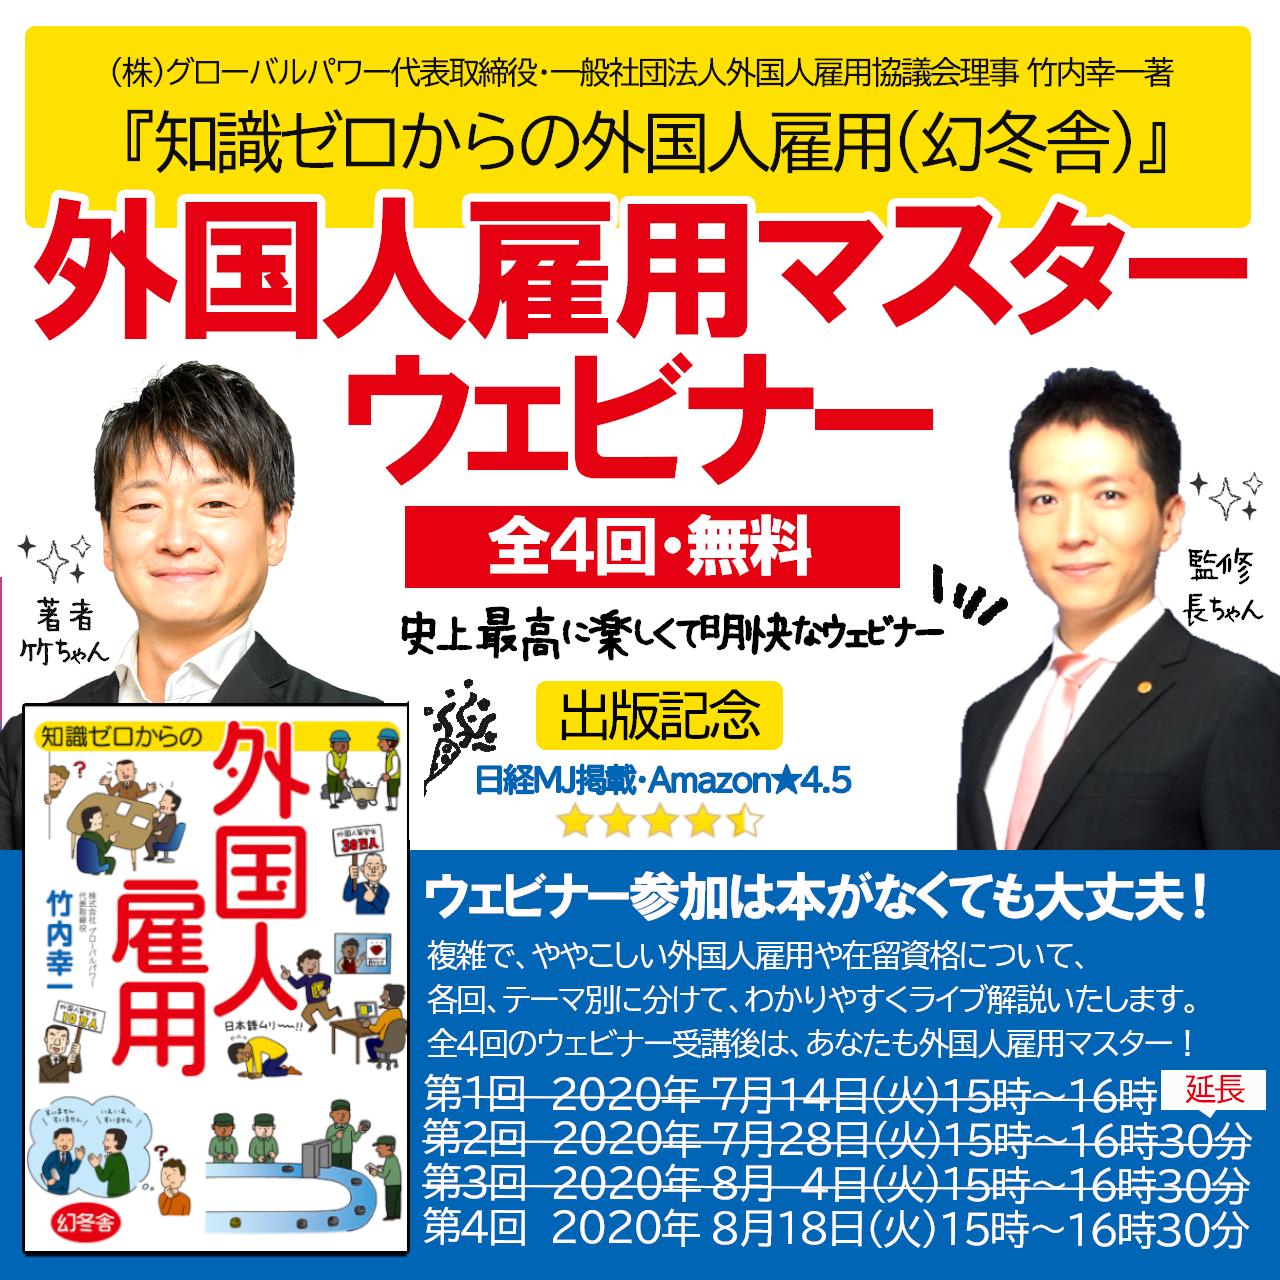 【終了】「外国人雇用マスターウェビナー第4回(最終回・無料)」開催